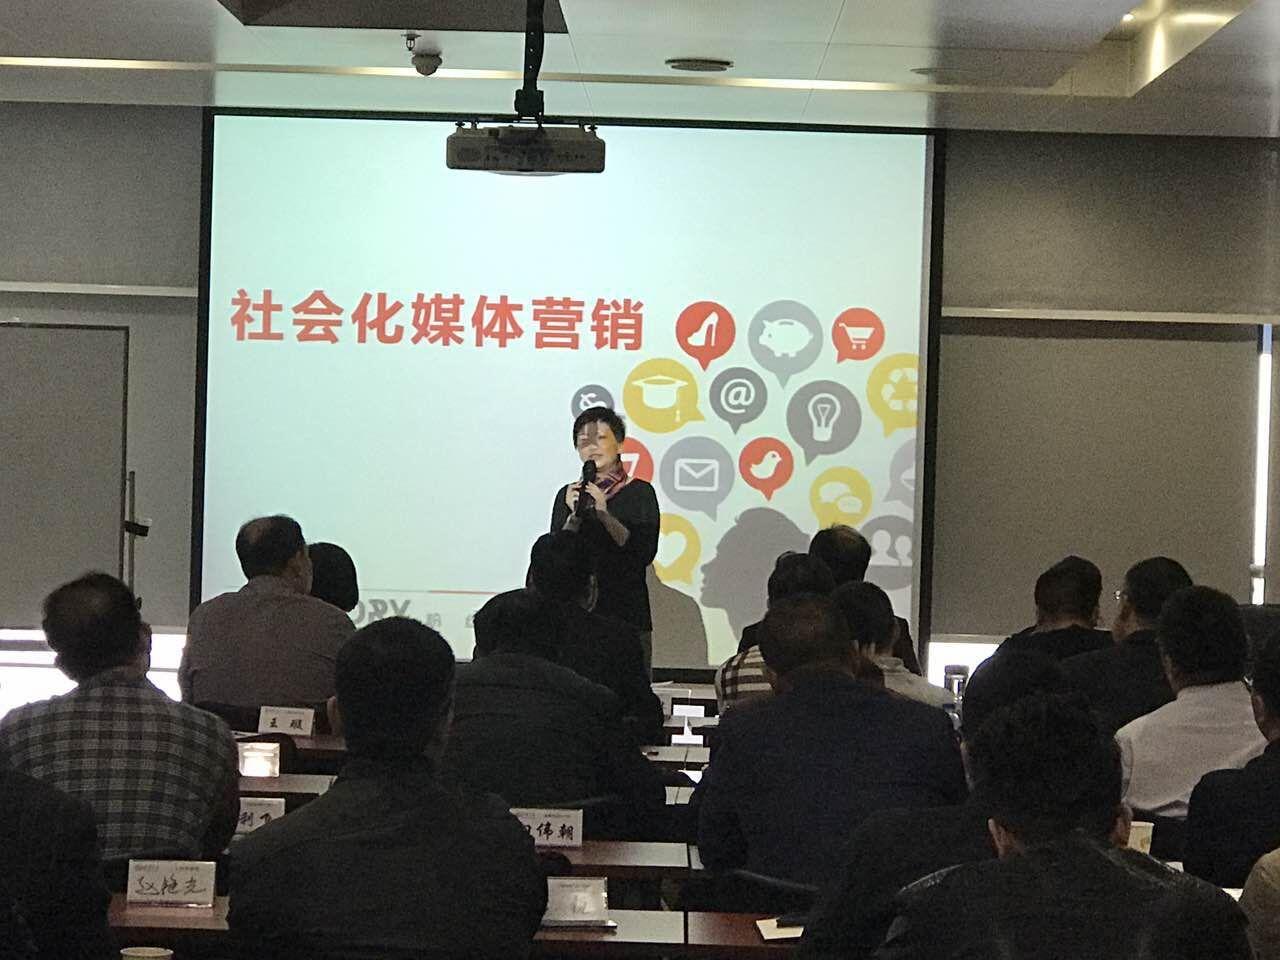 清大-工商管理(EMBA)总裁导师班-课堂回顾